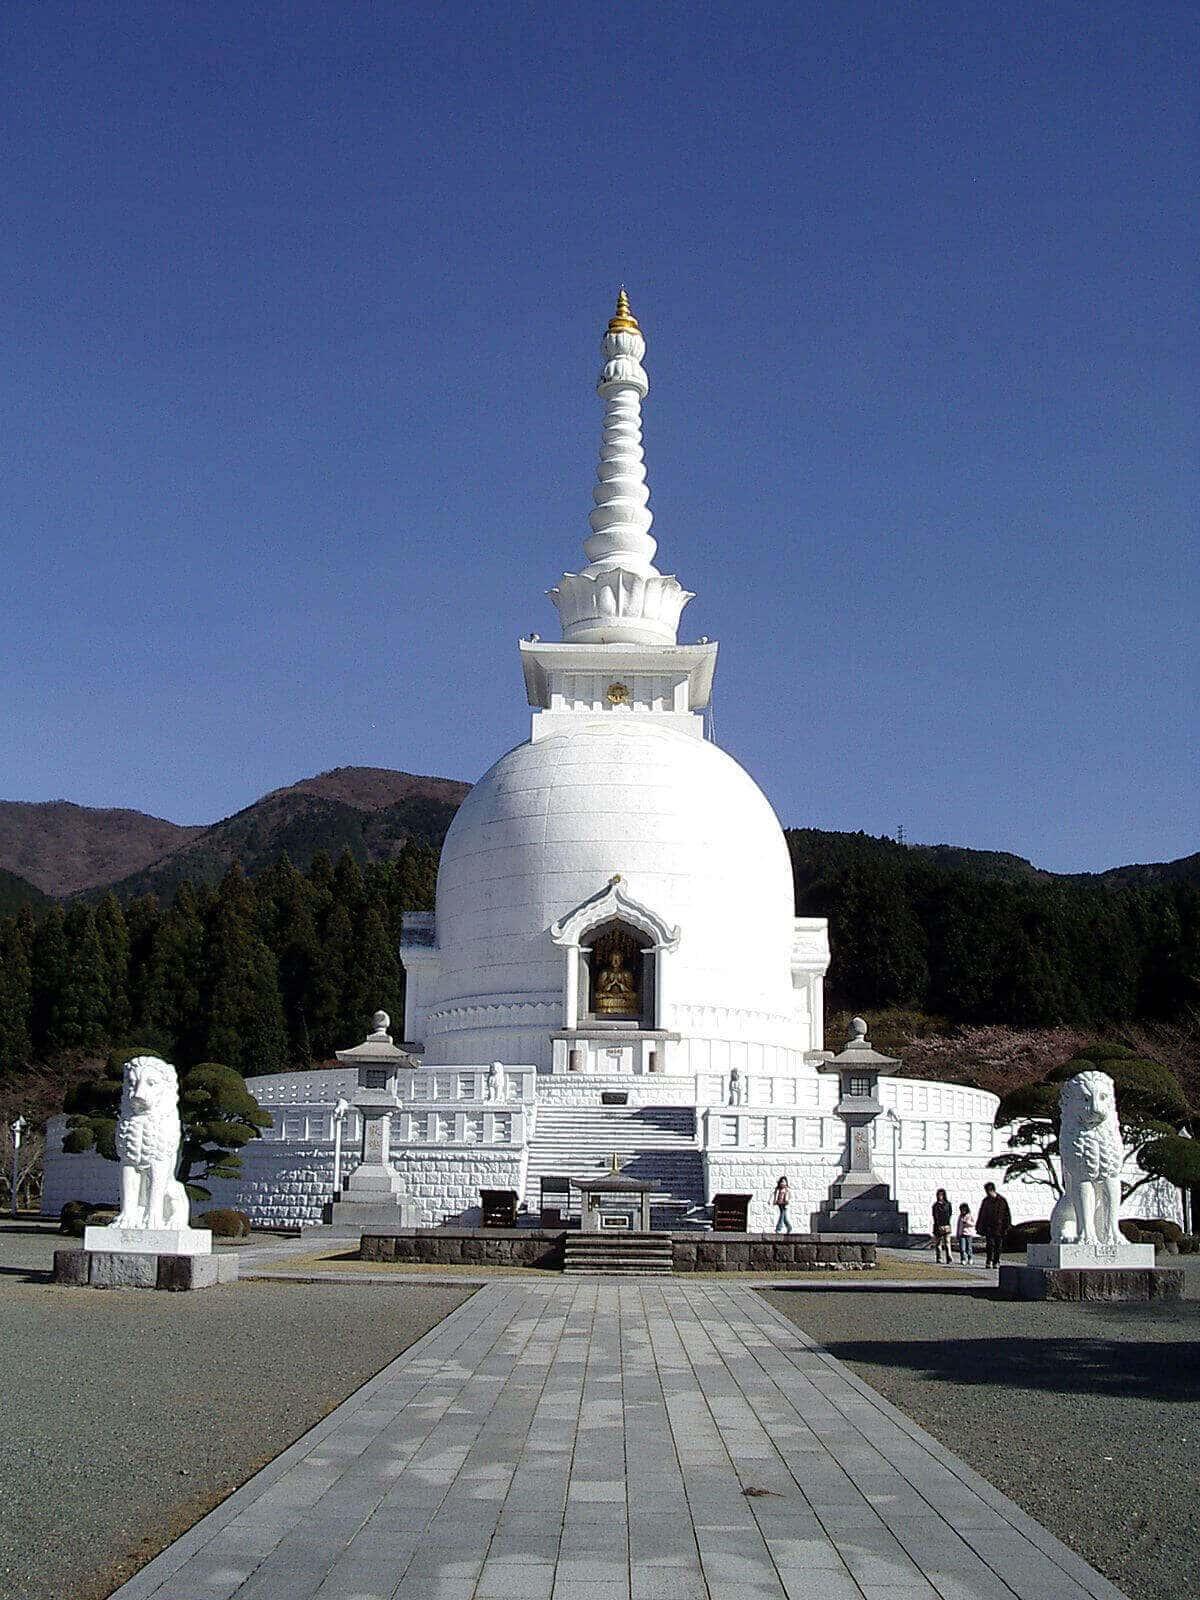 Miaoying Temple White Stupa Pagoda